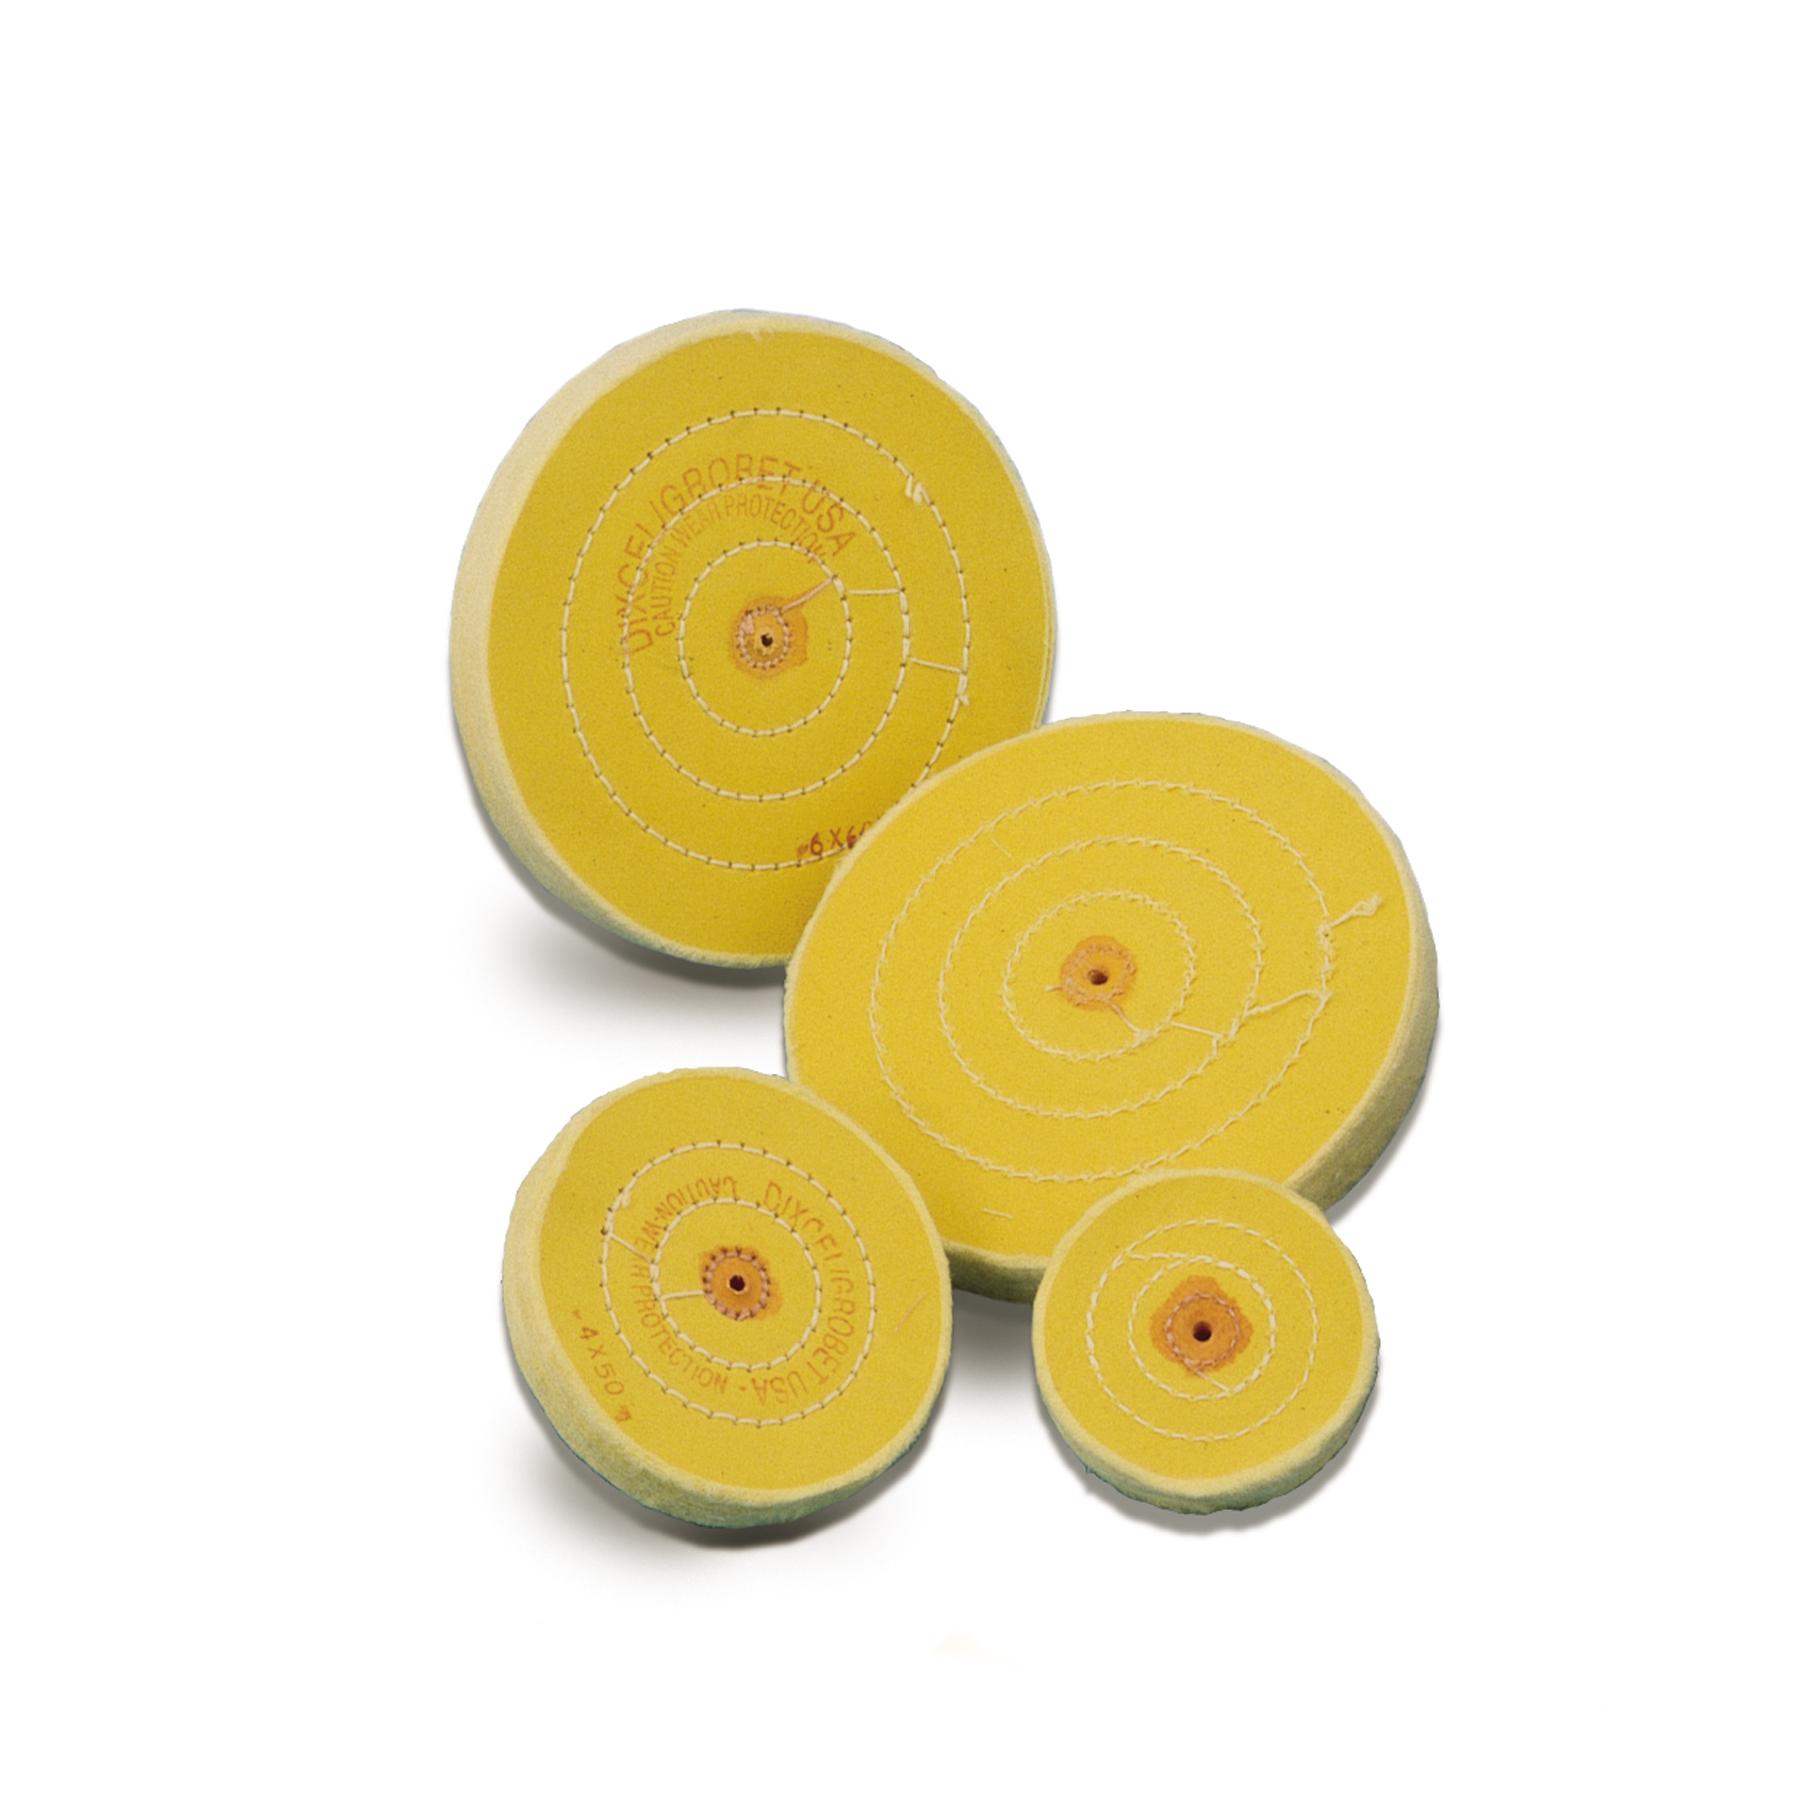 Yellow Chemkote Buff, Shellac Center, 6